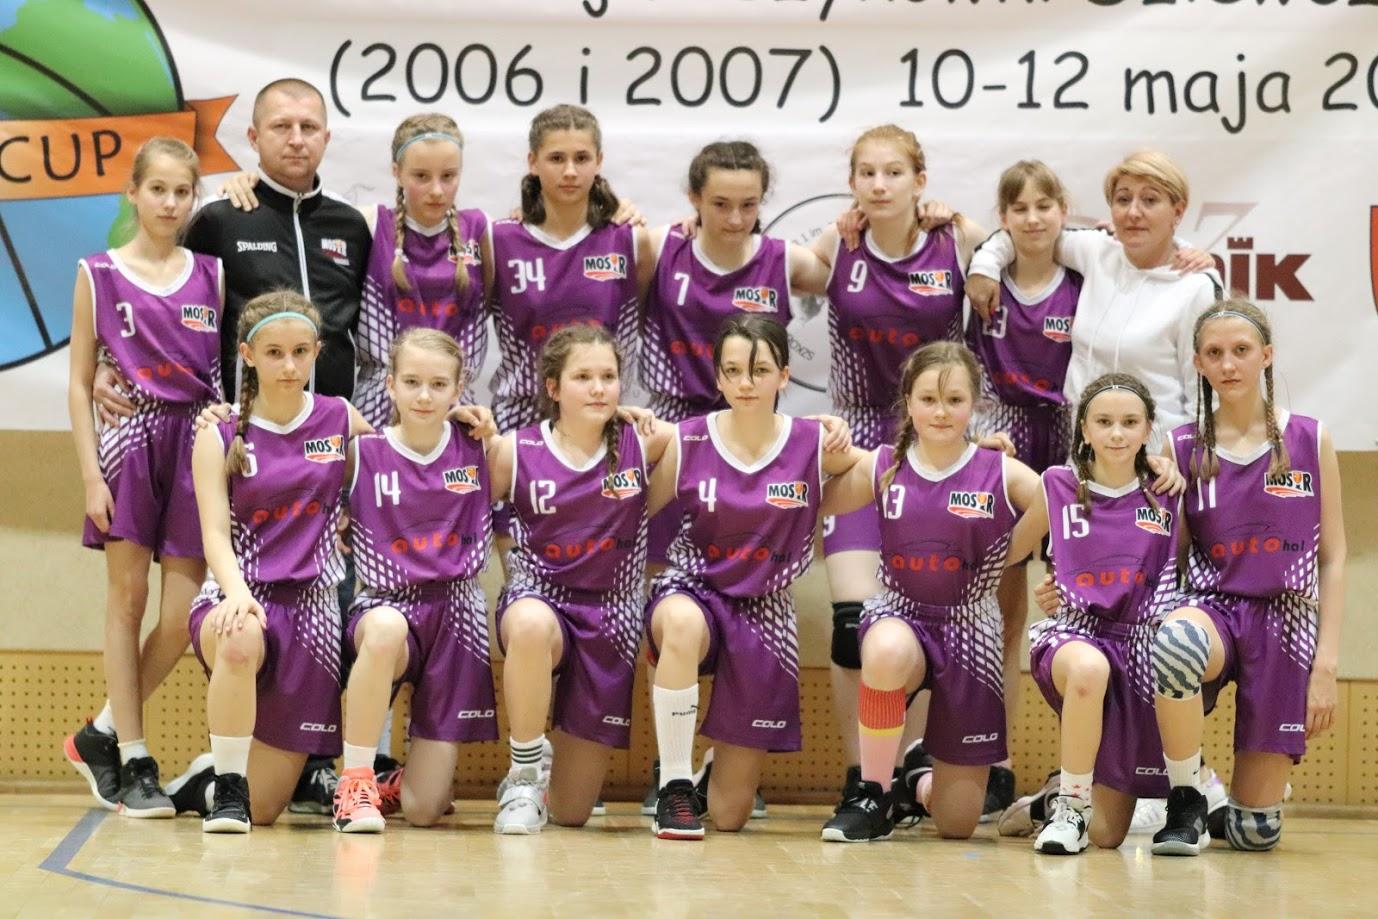 Bochnianki na Międzynarodowym Turnieju Koszykówki Dziewcząt w Kórniku, 10-12.05.2019